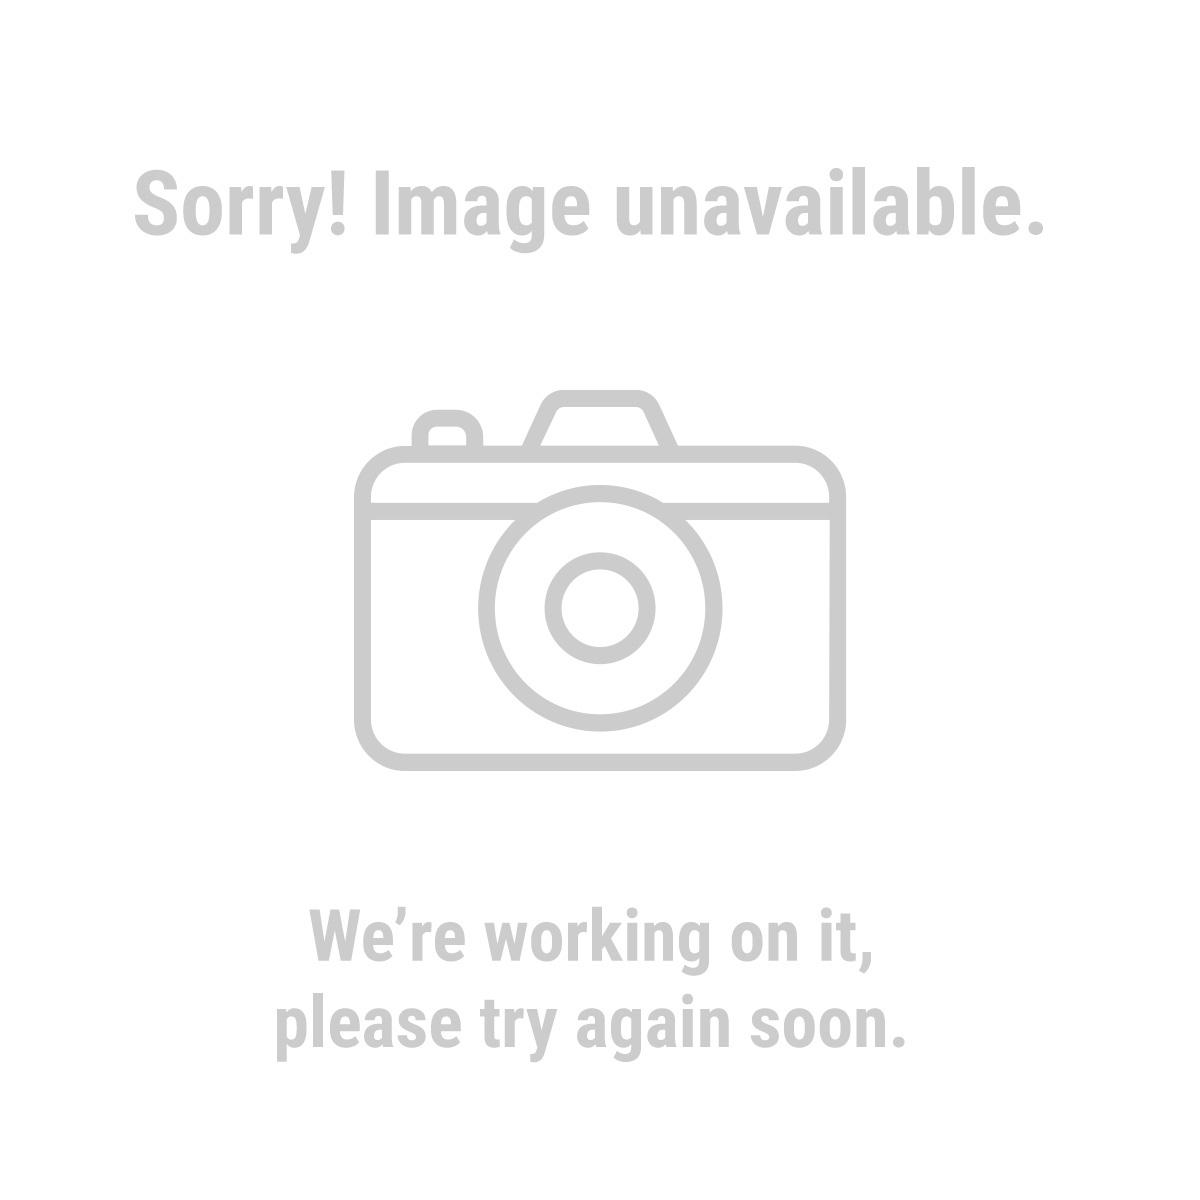 Central Pneumatic® 60696 110 lb. Pressurized Abrasive Blaster